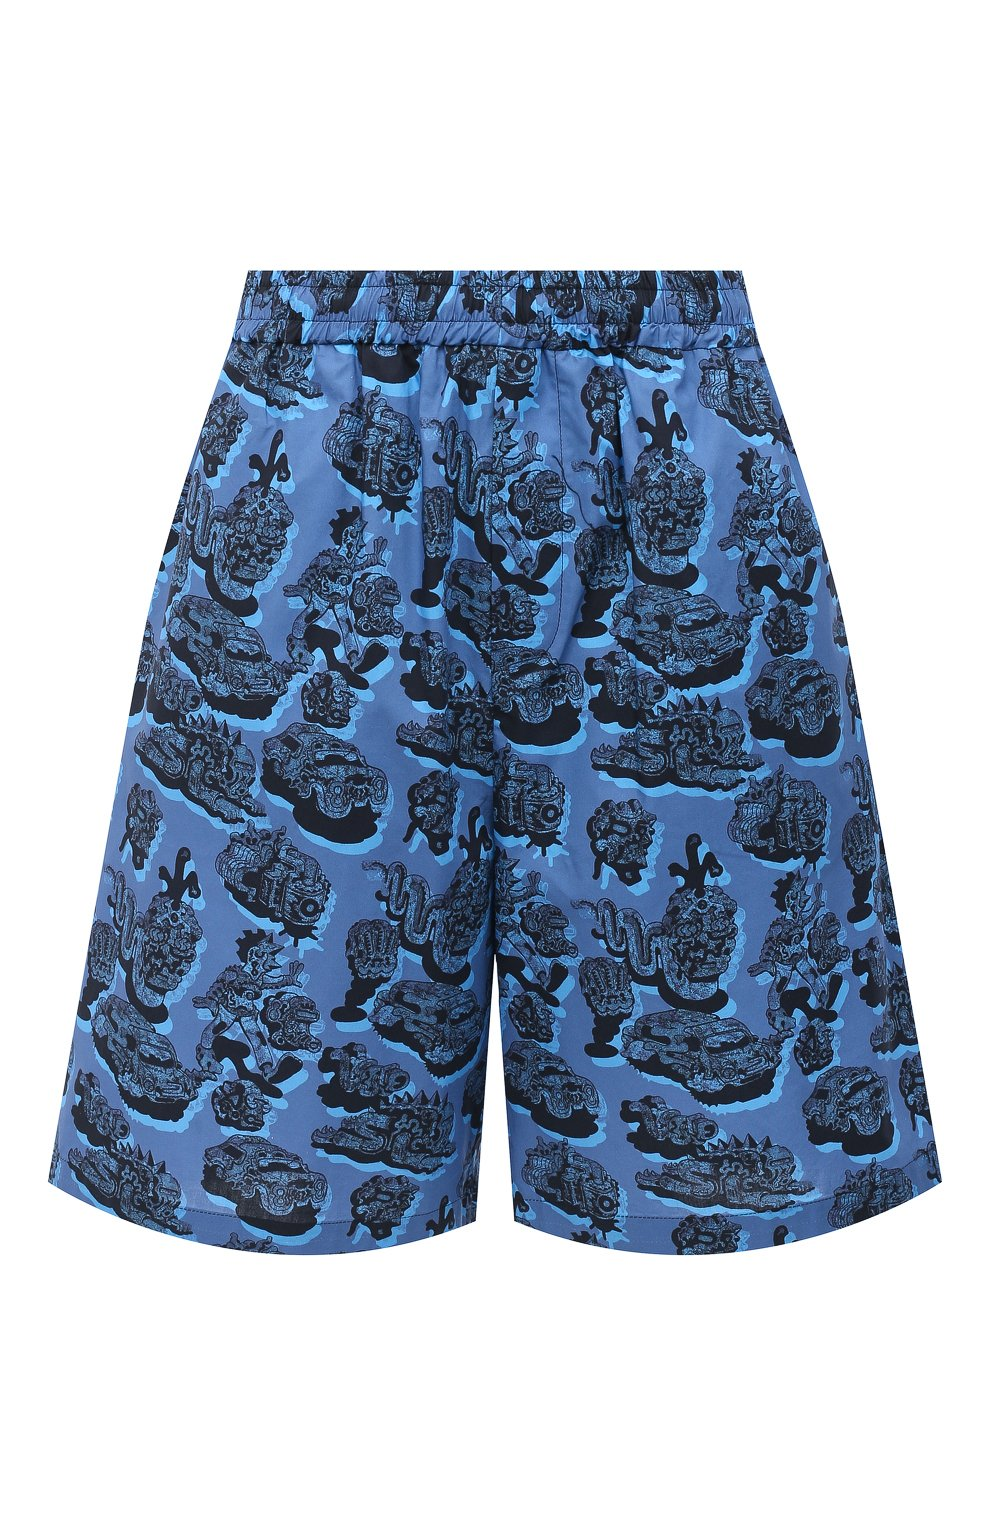 Женские хлопковые шорты STELLA MCCARTNEY синего цвета, арт. 600473/SPN12 | Фото 1 (Женское Кросс-КТ: Шорты-одежда; Кросс-КТ: Широкие; Материал внешний: Хлопок; Длина Ж (юбки, платья, шорты): До колена; Стили: Кэжуэл)